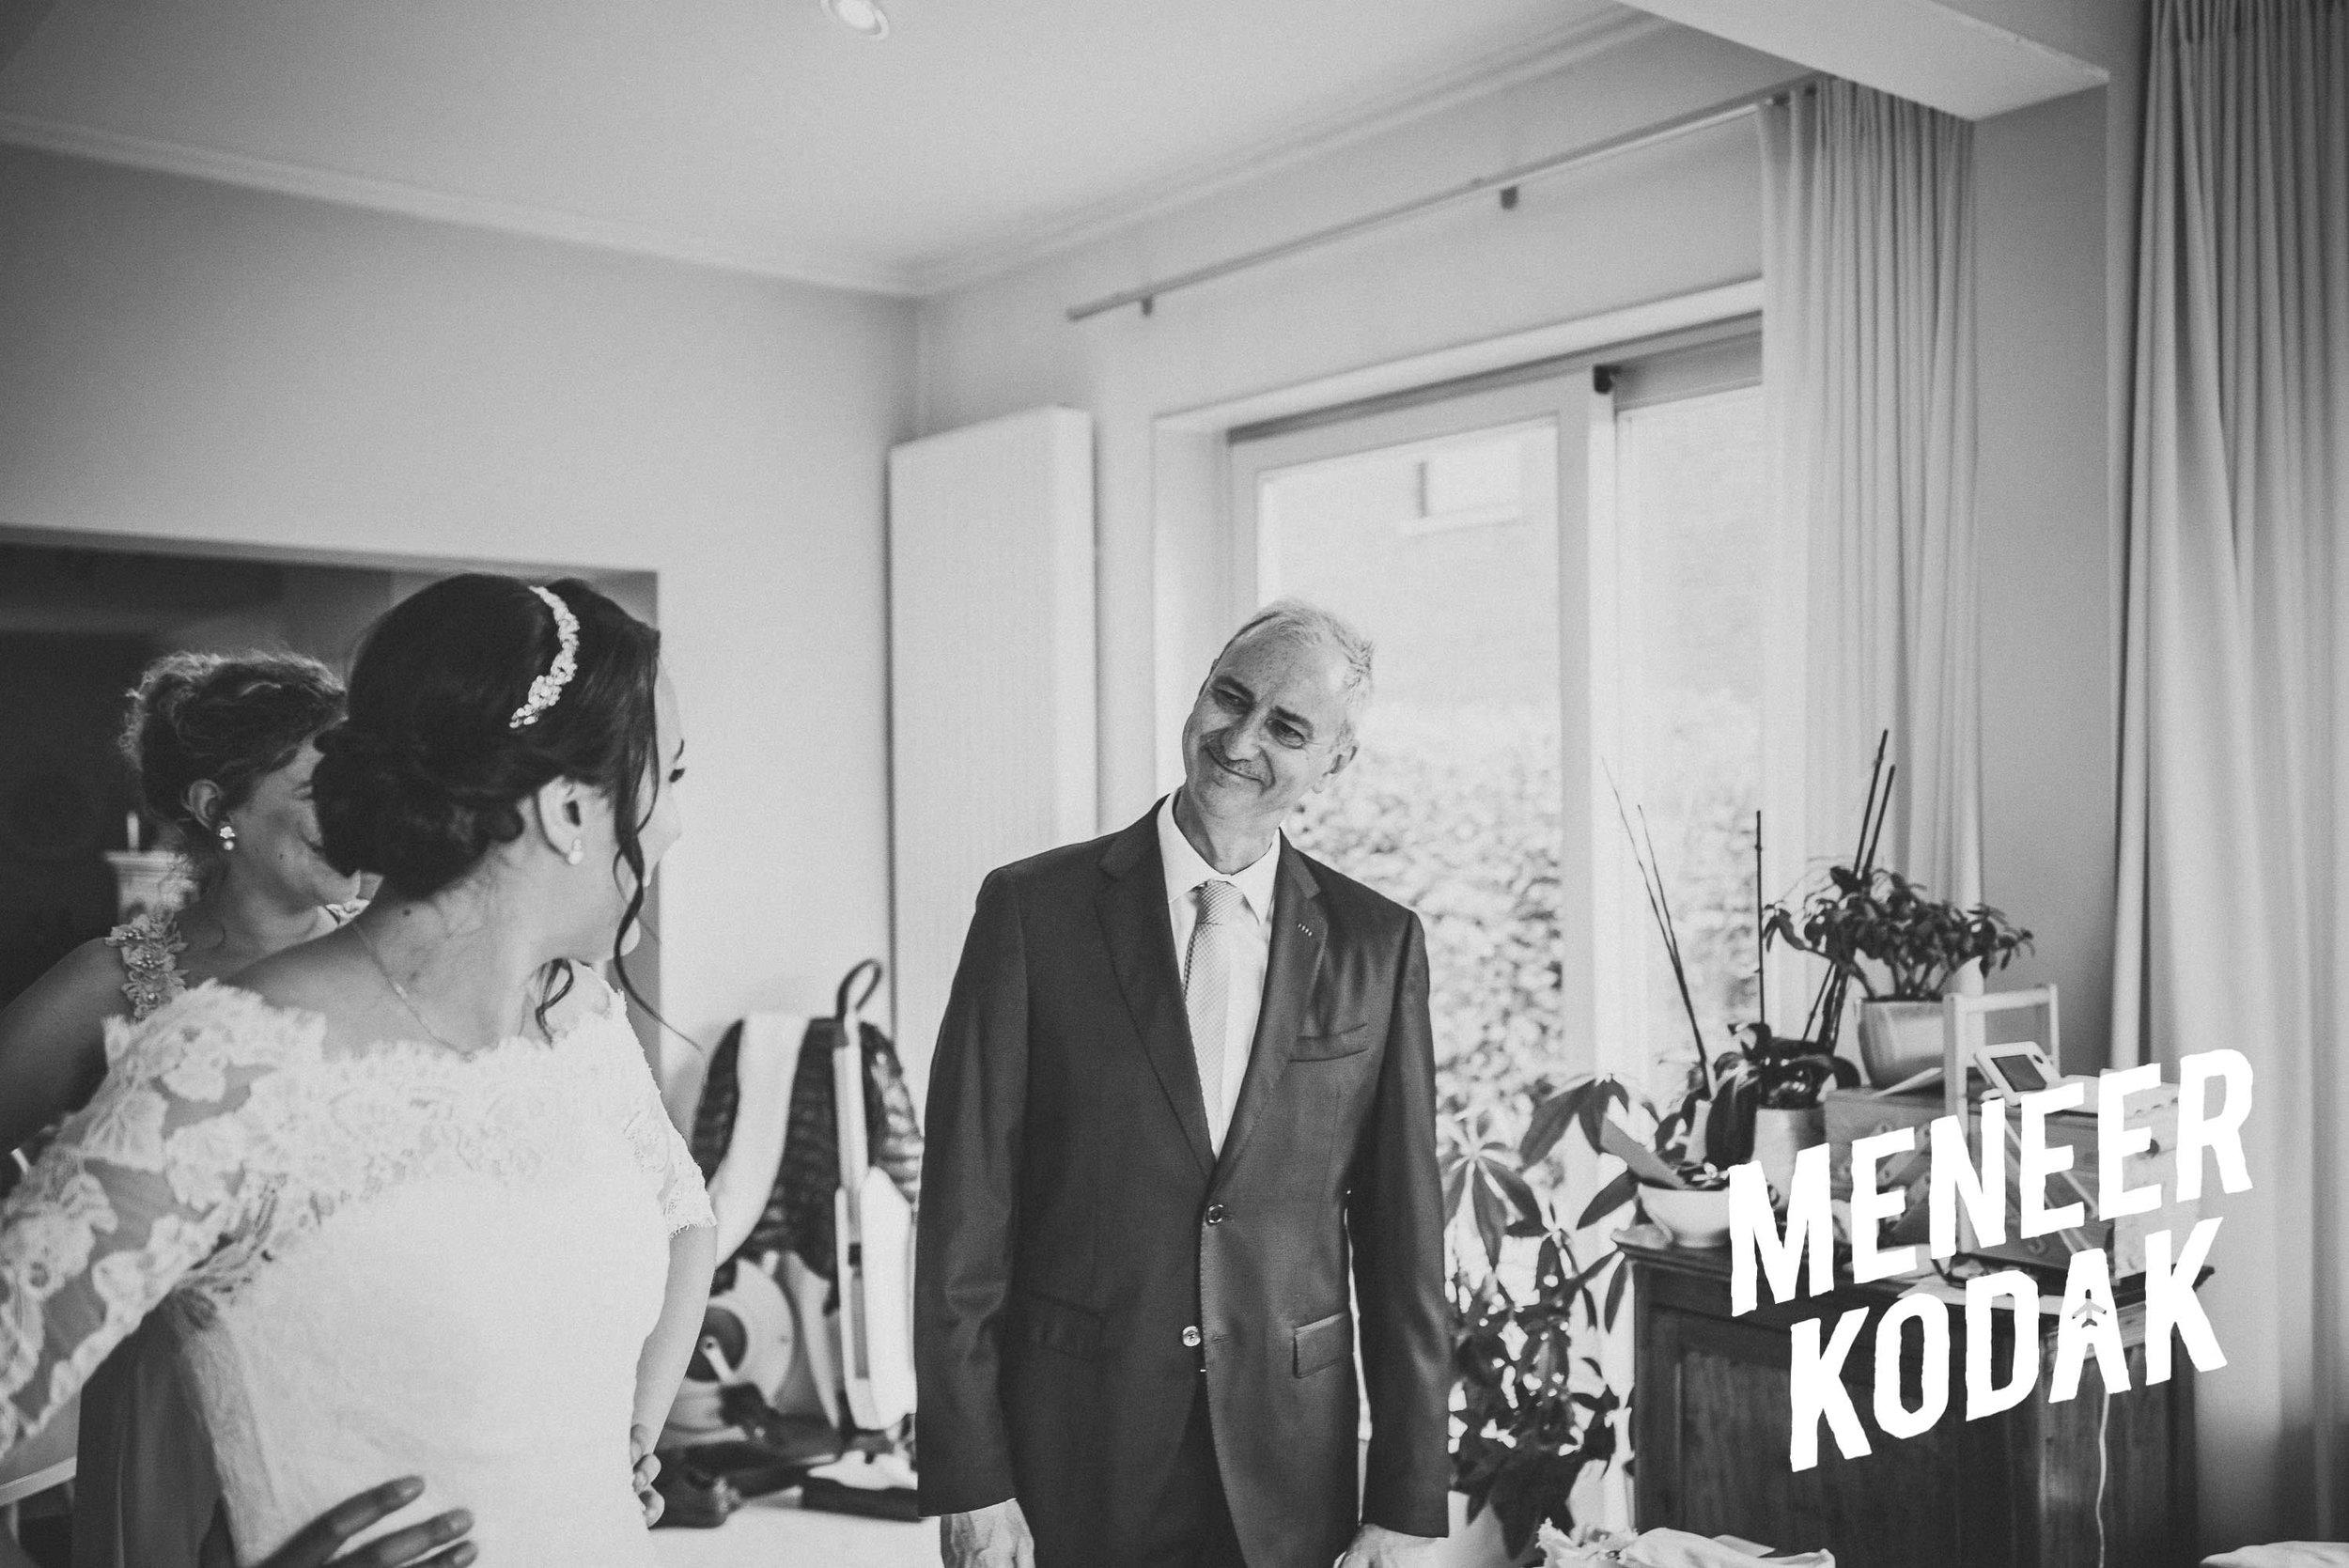 Meneer Kodak - Trouwfotograaf - Gent - D&T-011.jpg